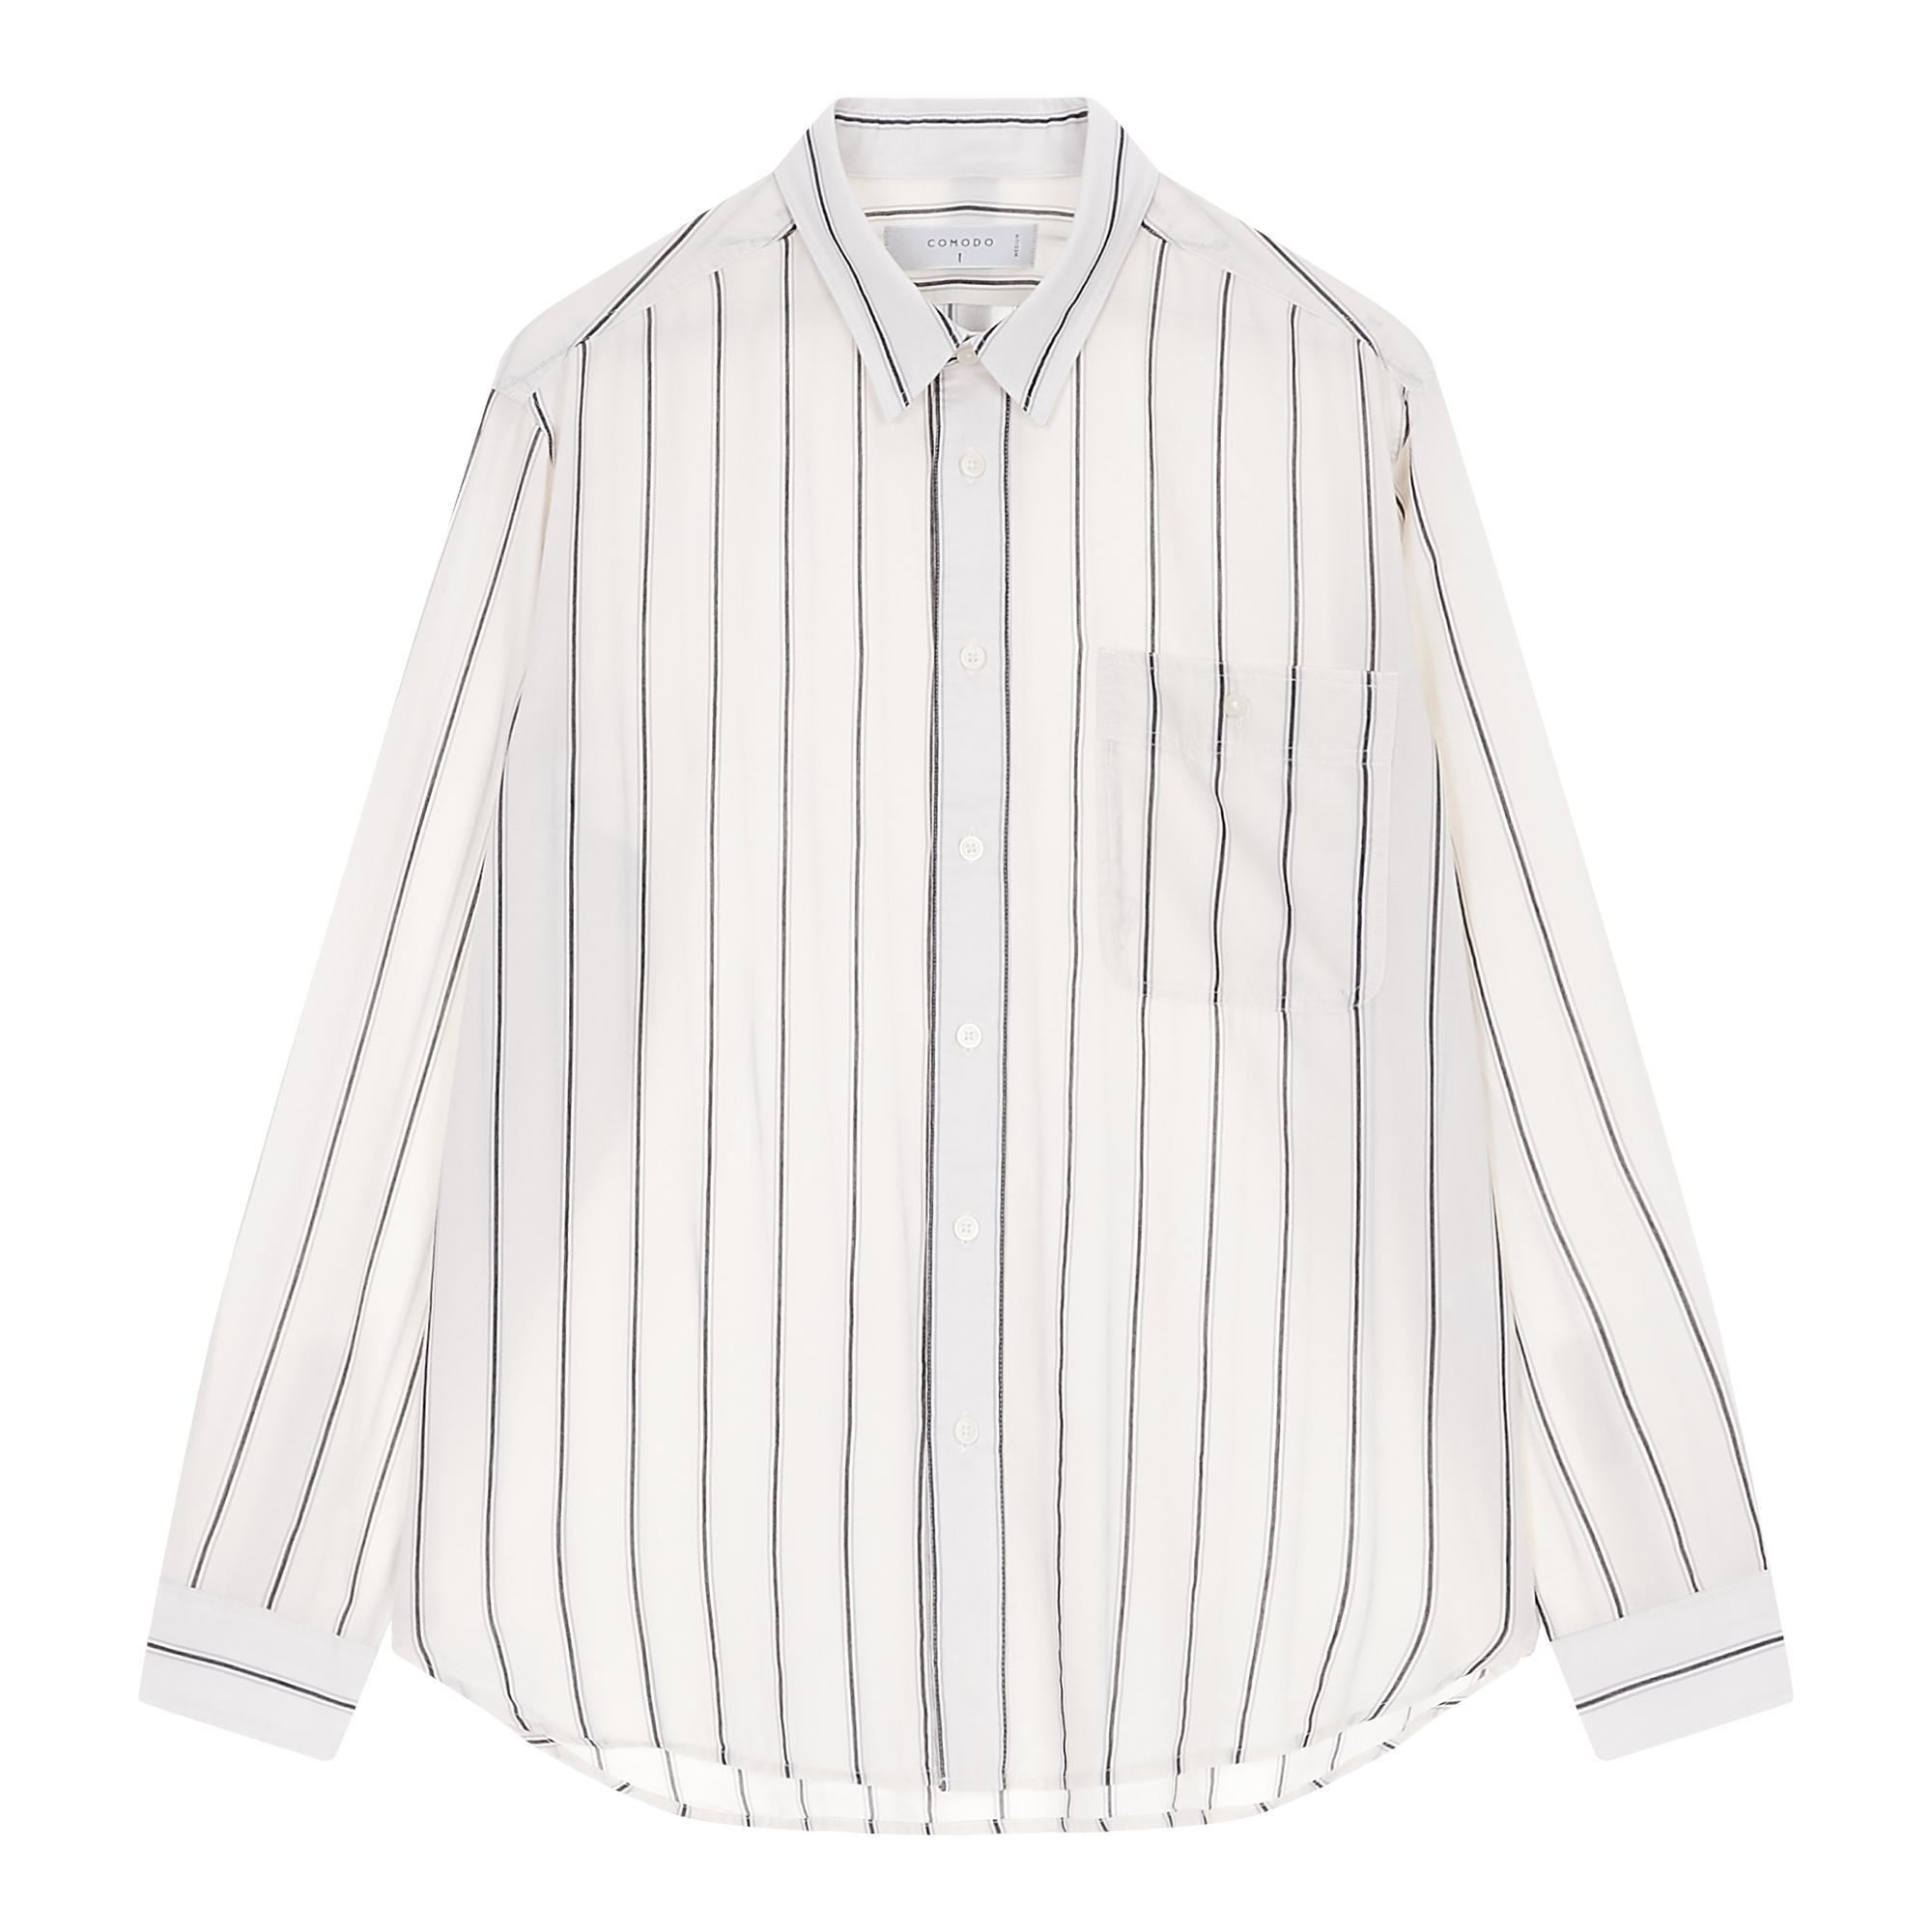 [COOL] 블랙 데코 스트라이프 긴팔 셔츠